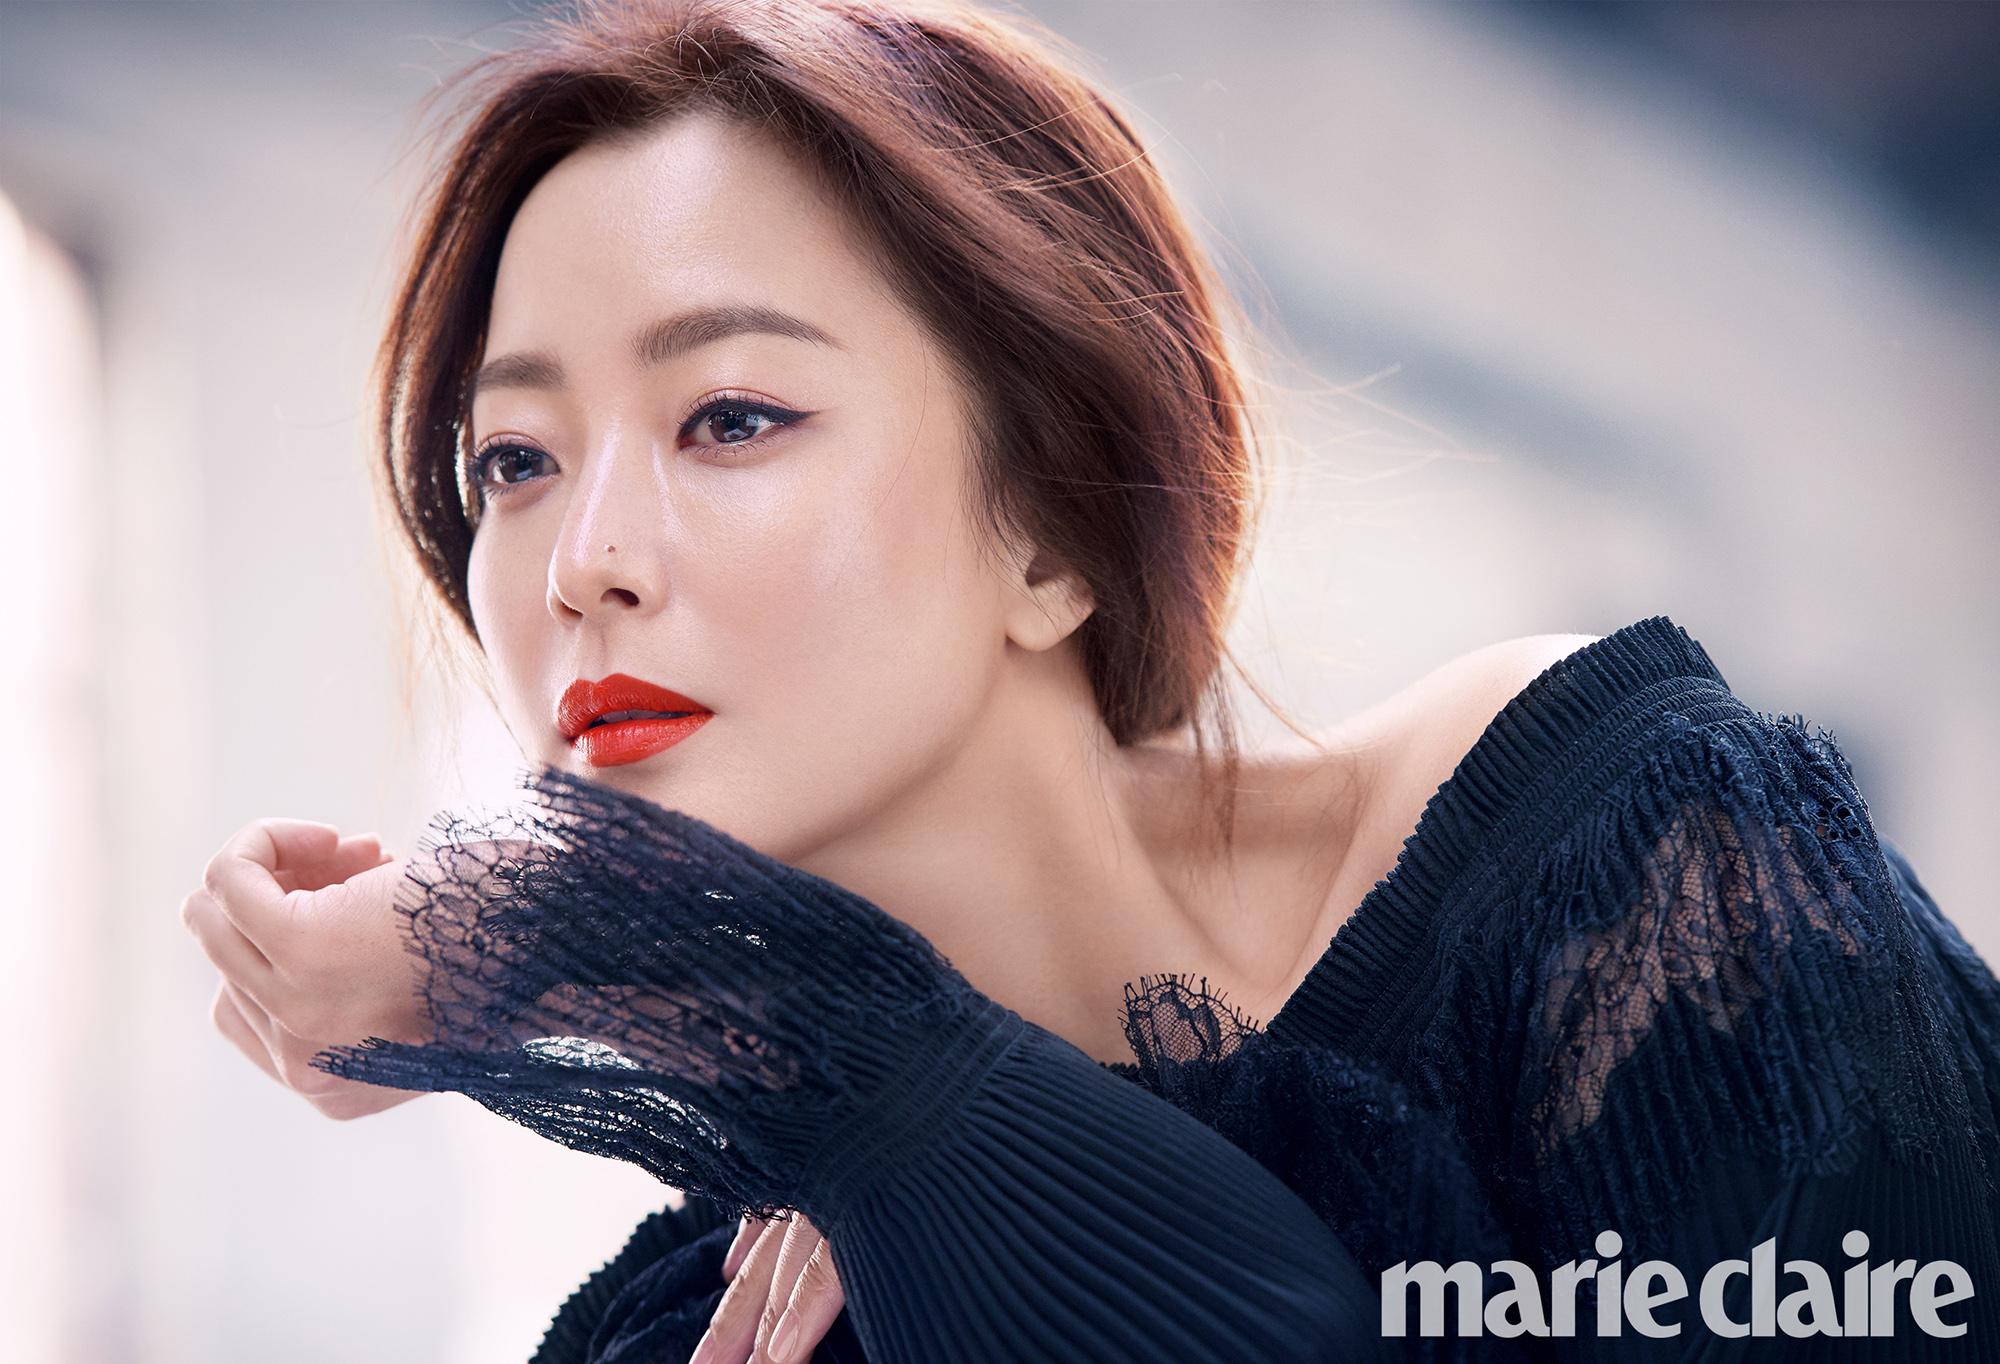 Sao Hàn: Tranh cãi việc nữ diễn viên tự nhận mình đẹp hơn cả Kim Tae Hee và Jeon Ji Hyun